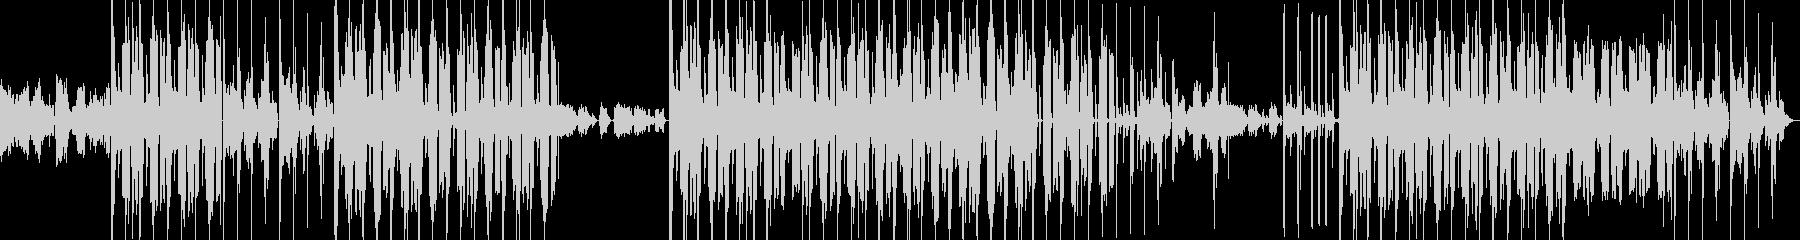 メロディアスR&Bニュー・ソウルインストの未再生の波形